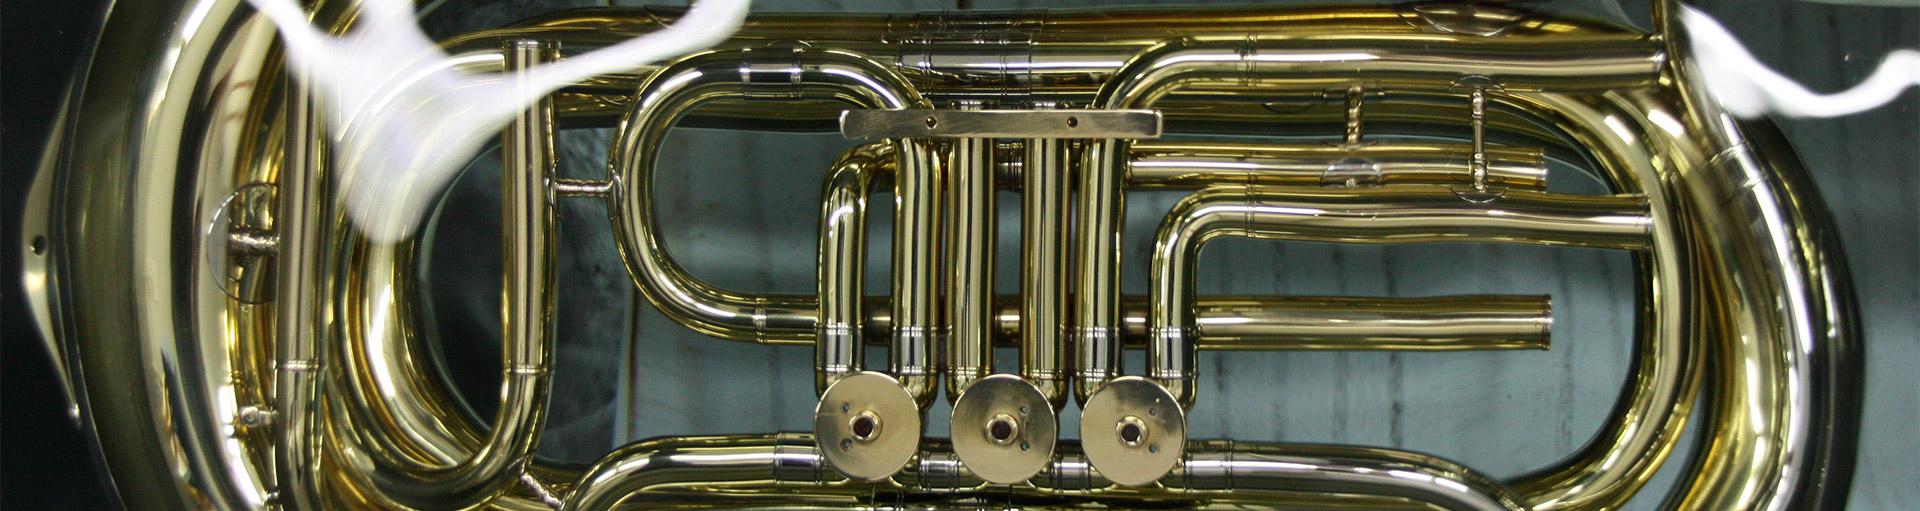 Musikinstrumente bei Pleischl in Atting bei Straubing